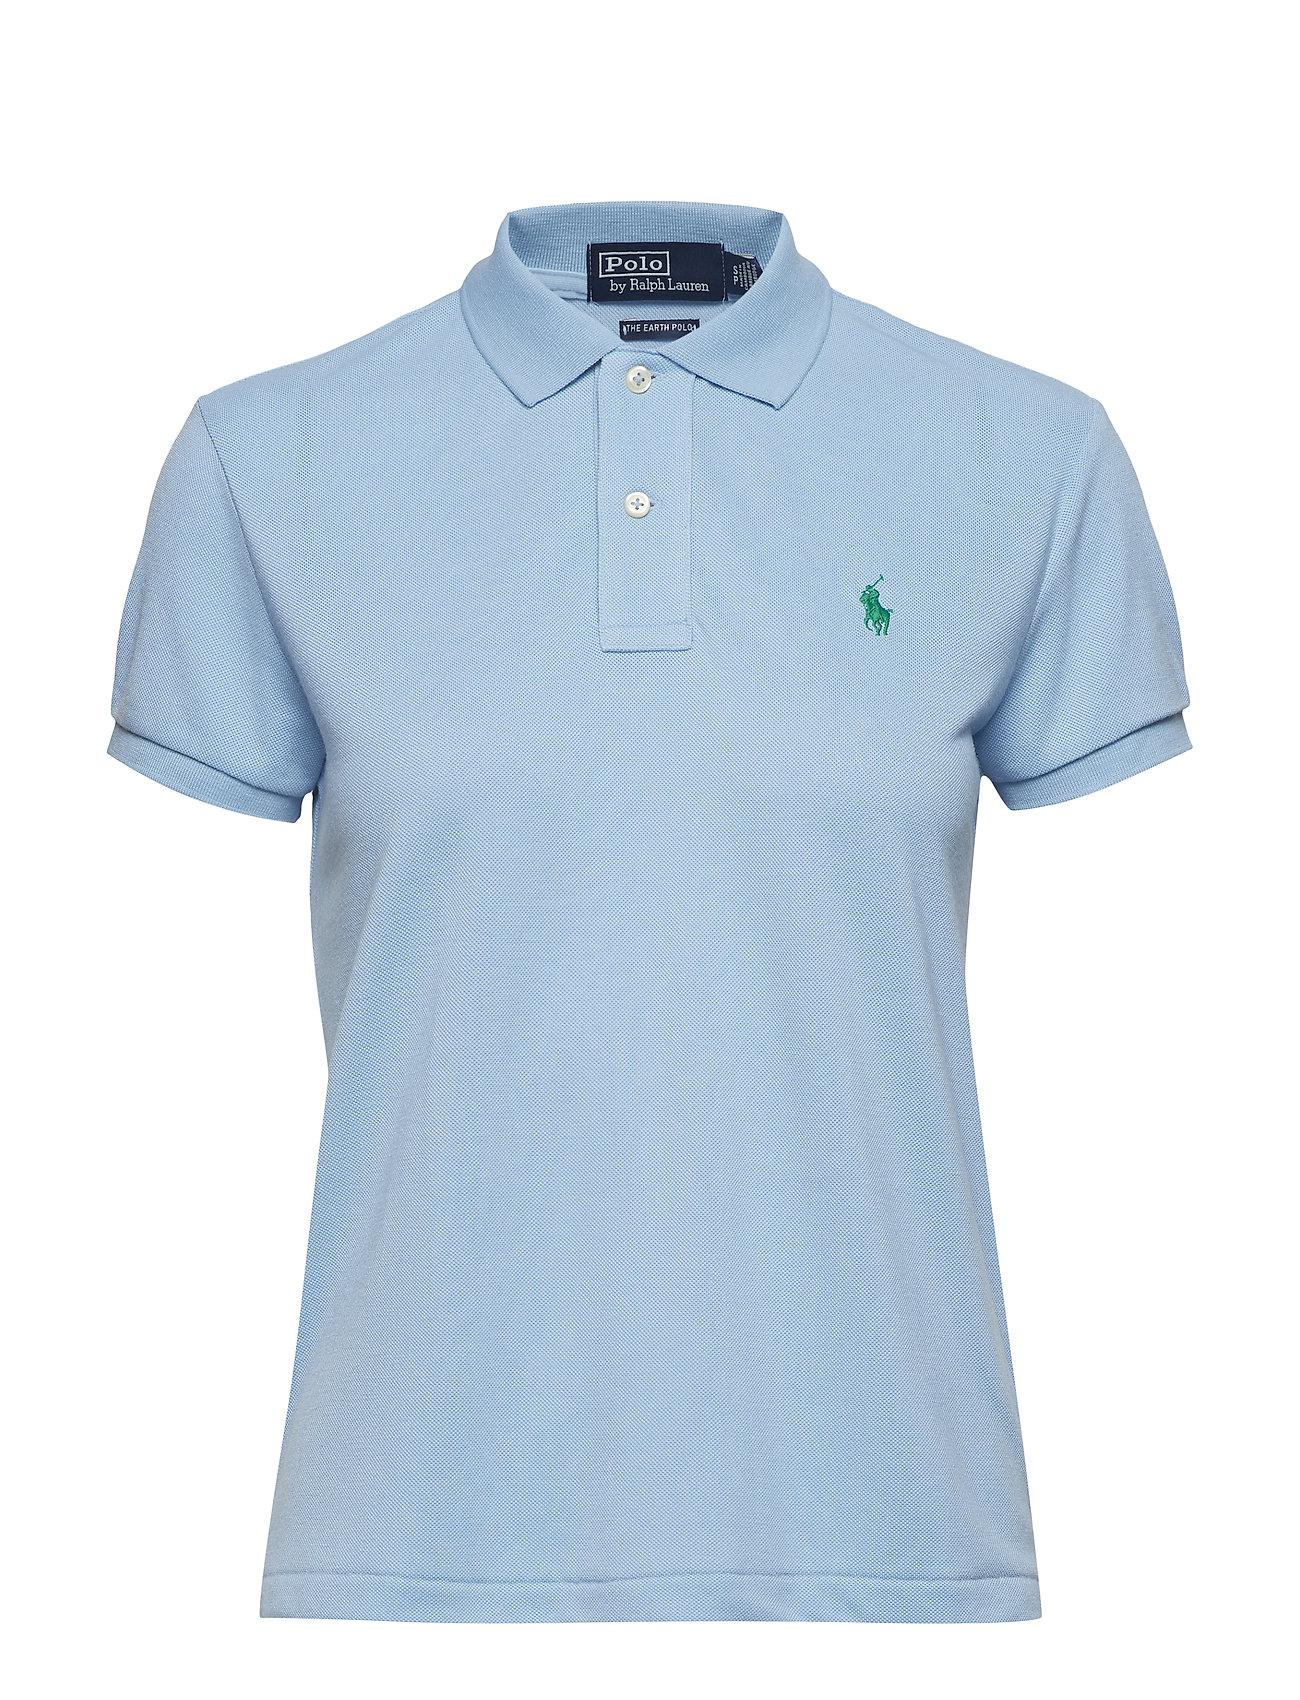 Polo Ralph Lauren The Earth Polo Shirt